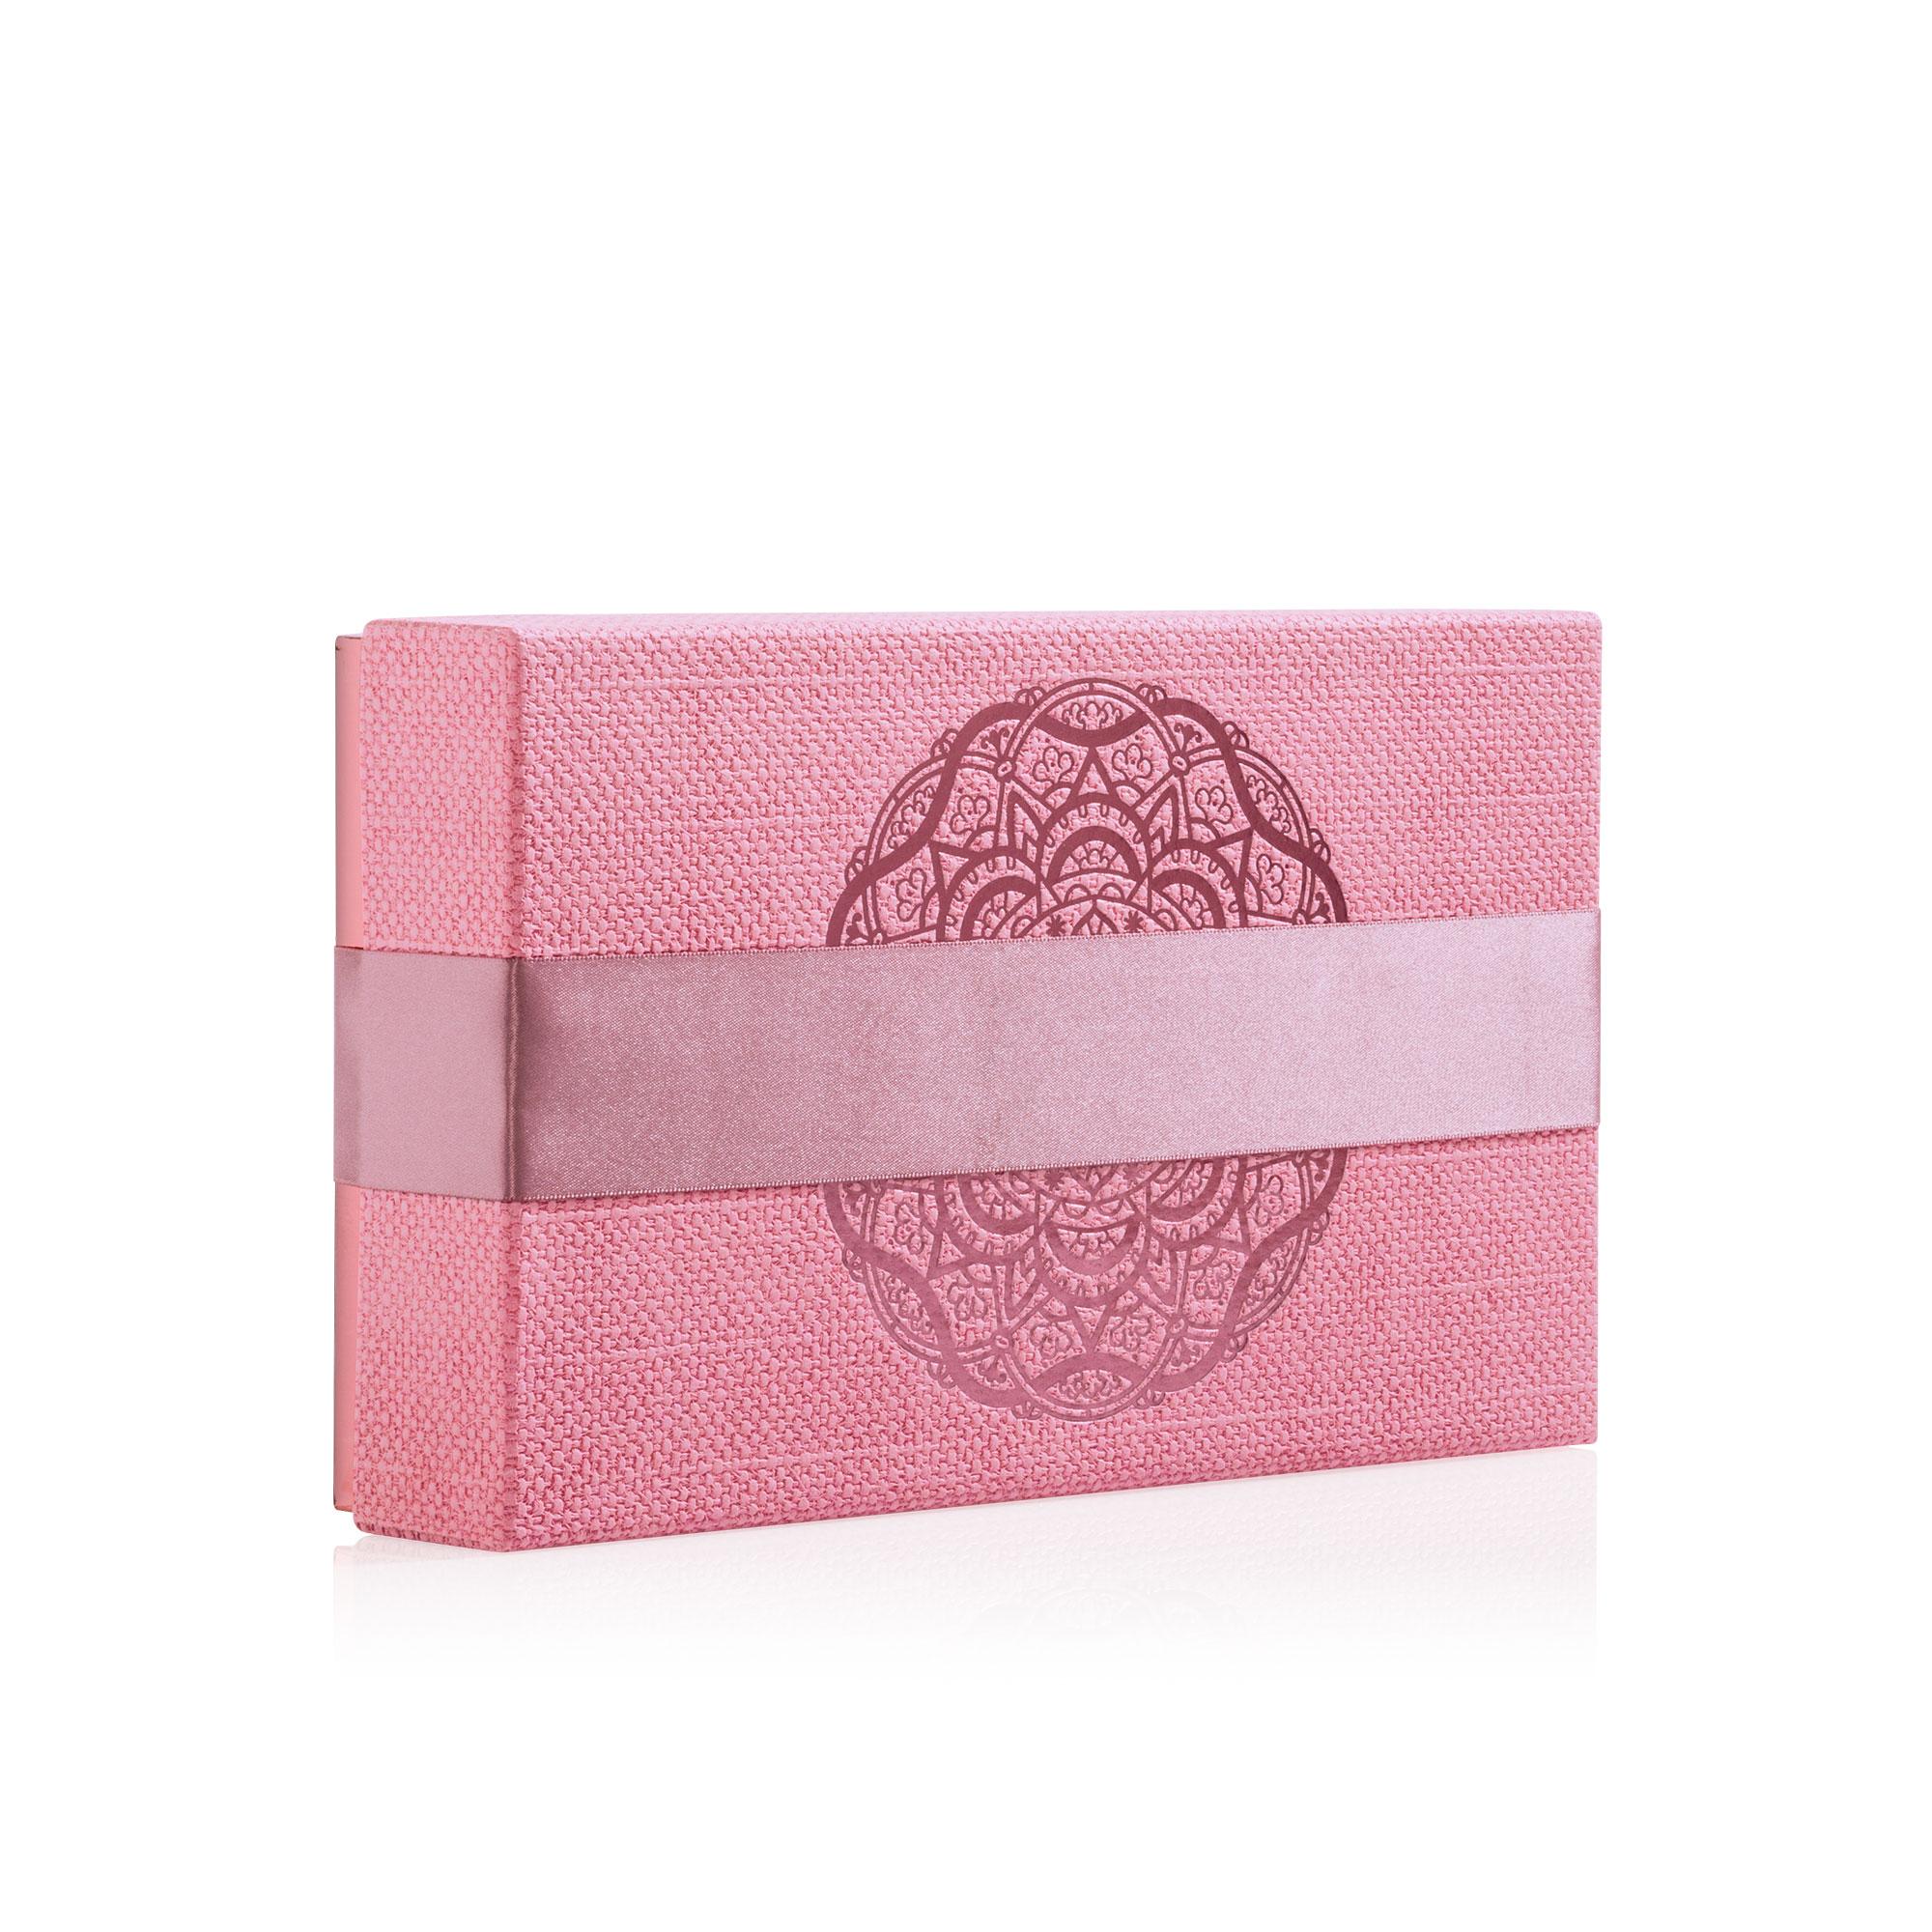 The Ritual Of Sakura - Renewing Treat Small Giftbox